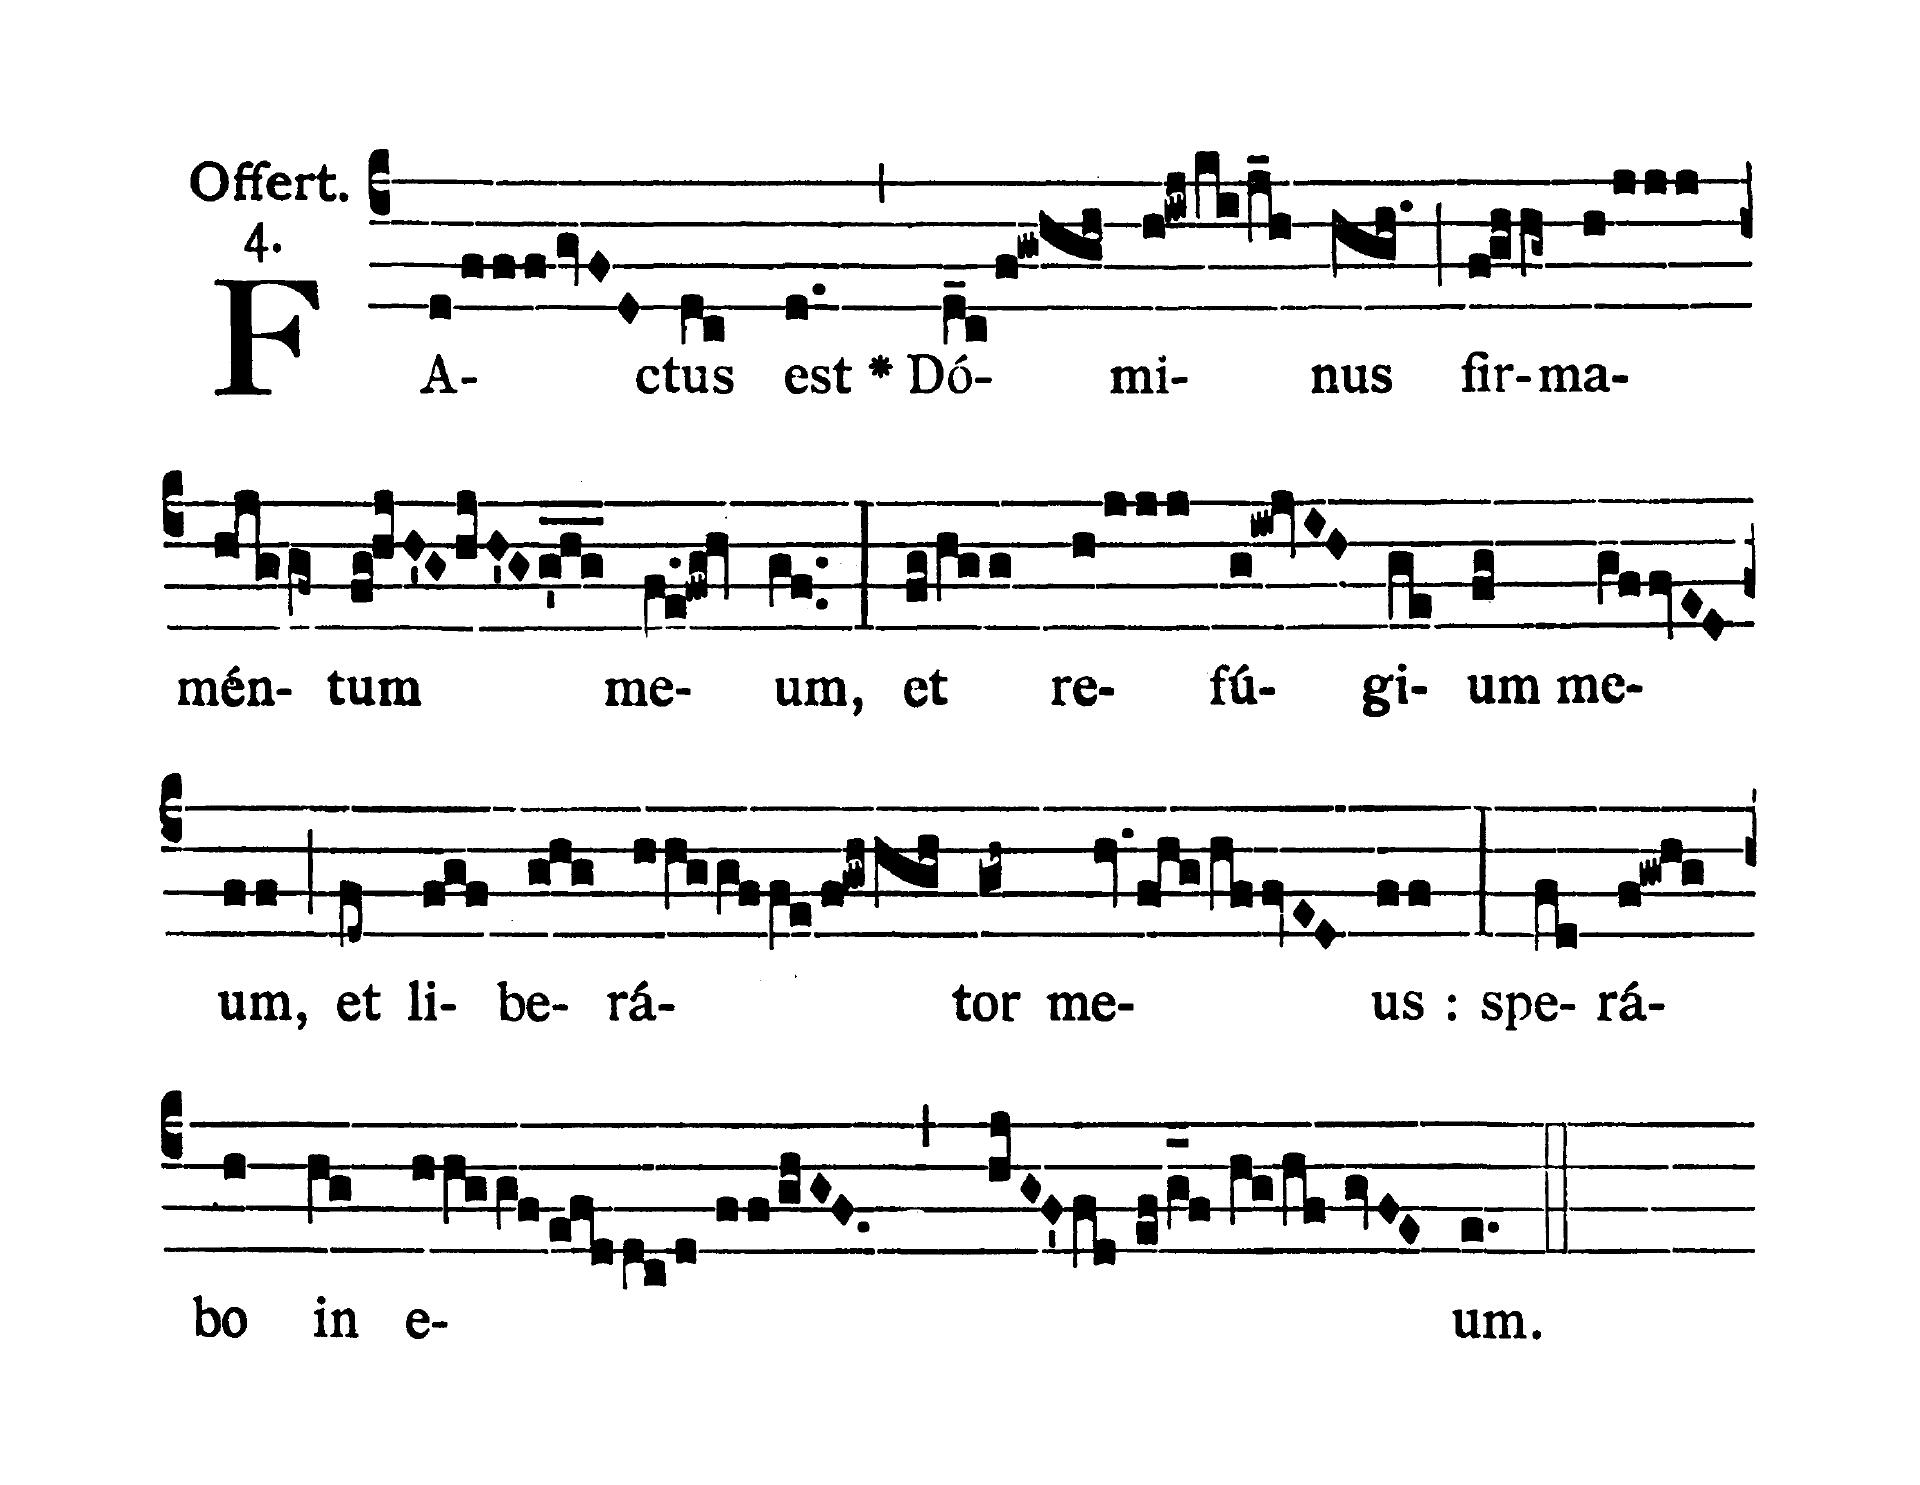 Sabbato post Dominicam IV Quadragesimae (Sobota po IV Niedzieli Wielkiego Postu) - Offertorium (Factus est)